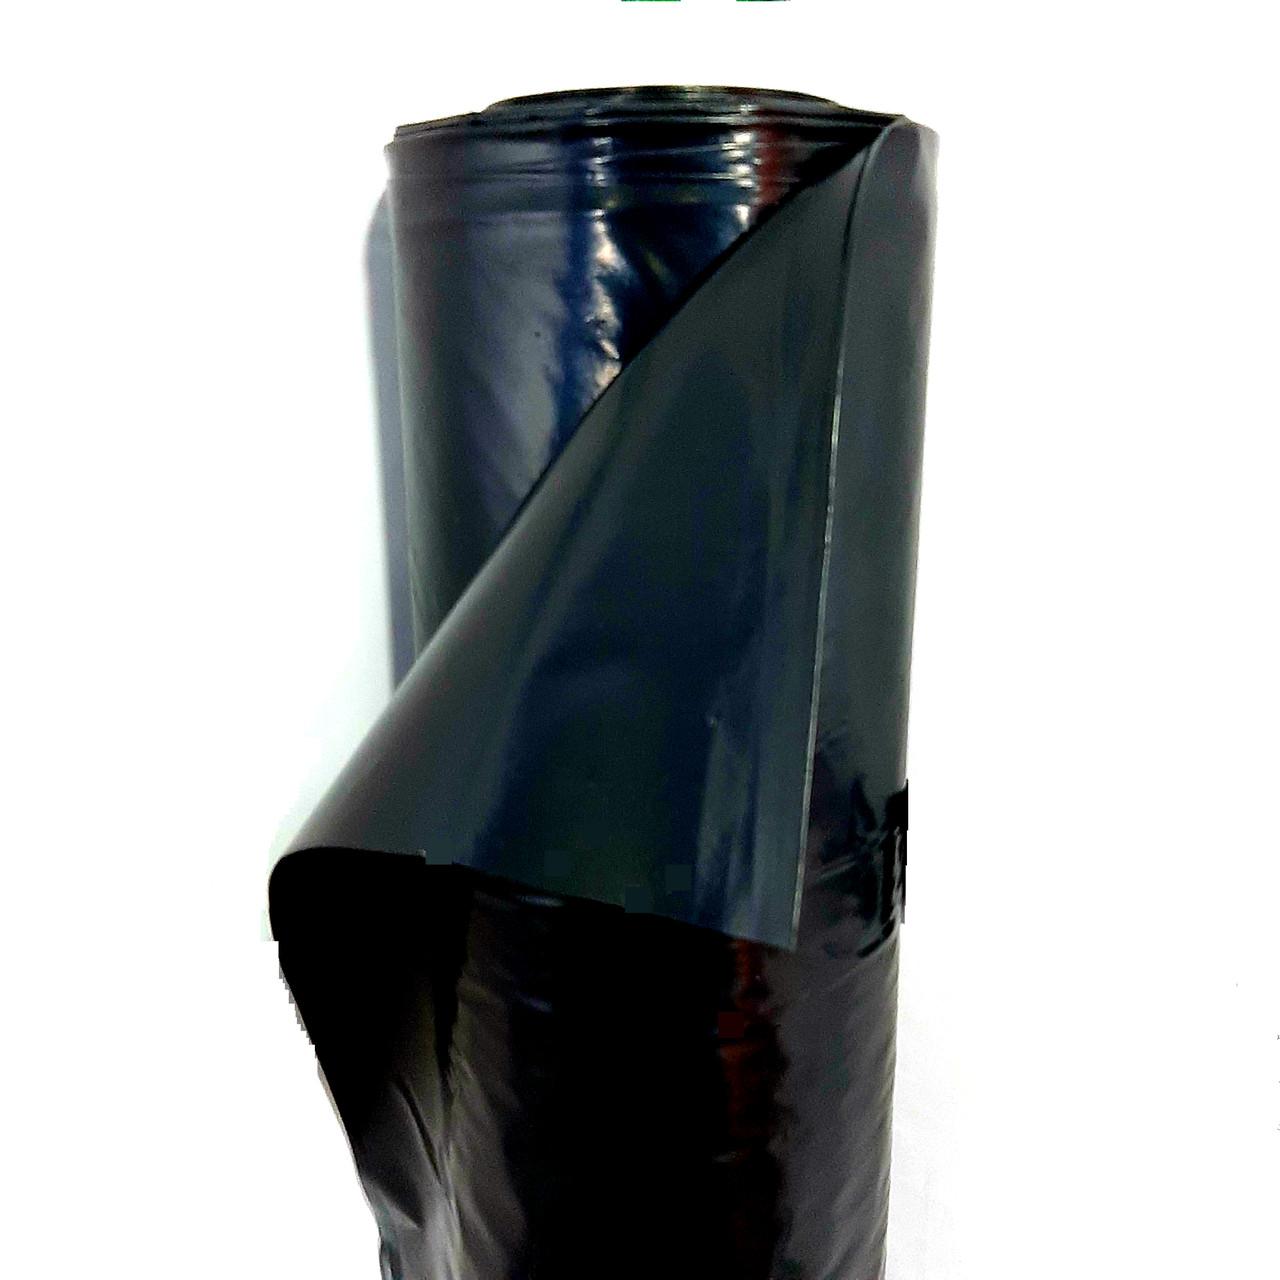 Пленка черная, 90мкм 3м/100м. полиэтиленовая (для мульчирования, строительная).